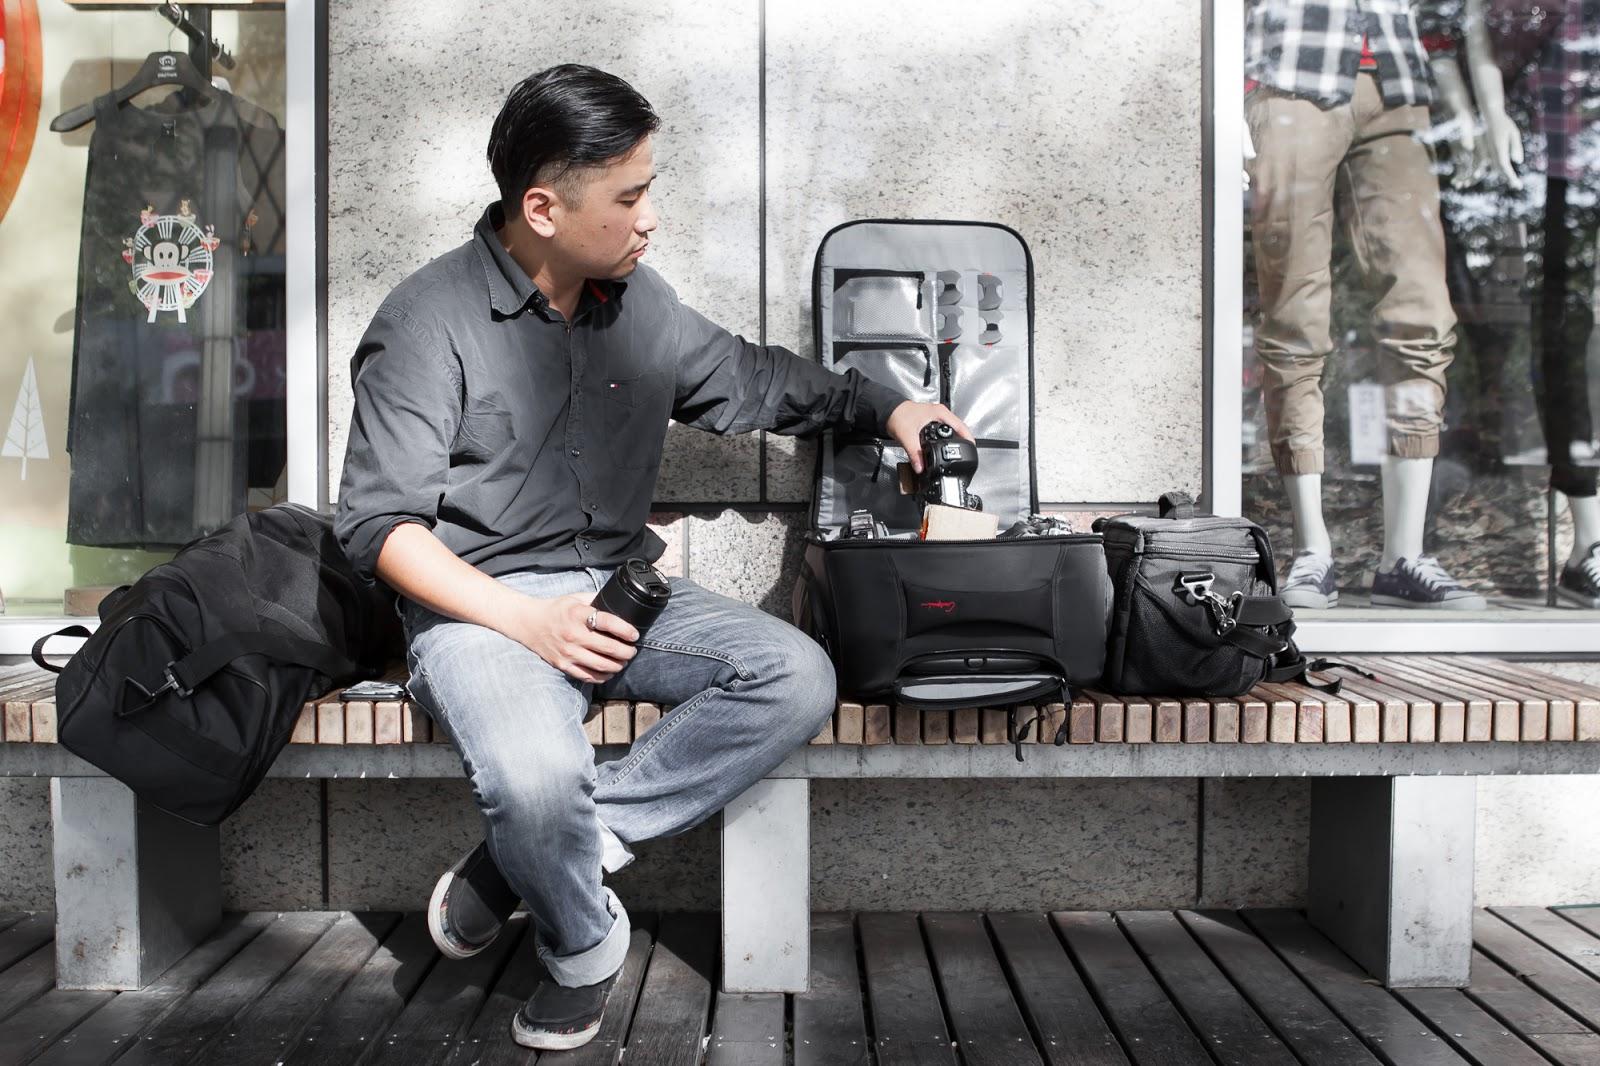 推薦台北蘆洲婚禮攝影師jackal活動攝影師